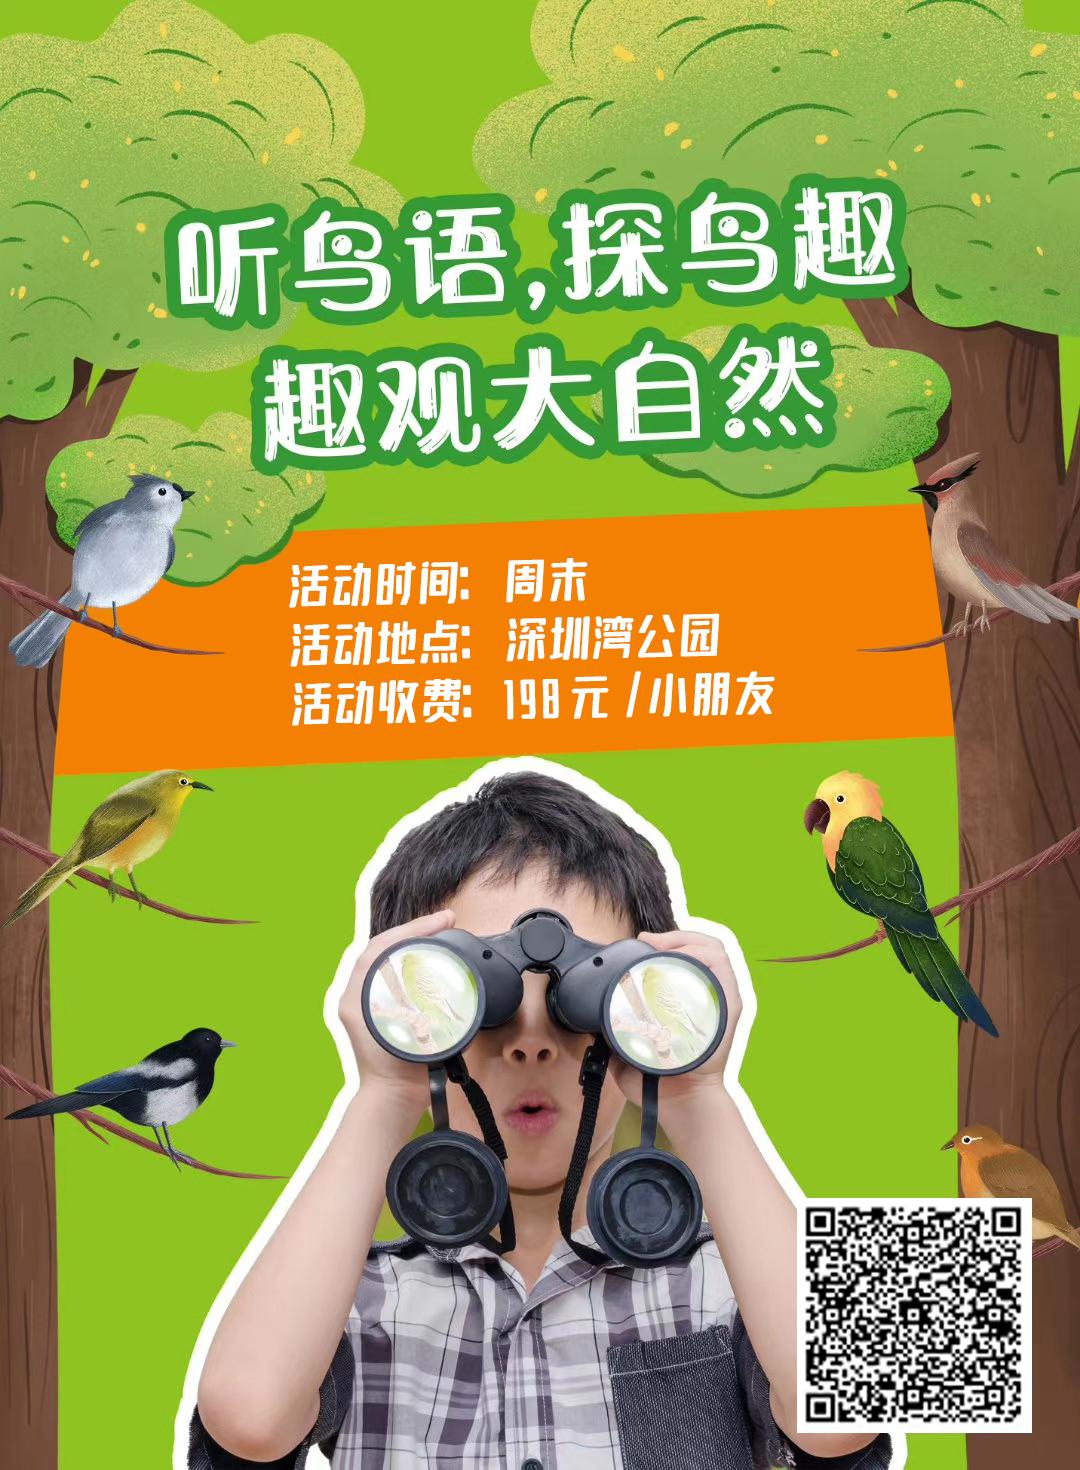 自然观鸟|听鸟语,探鸟趣,走进鸟儿的世界